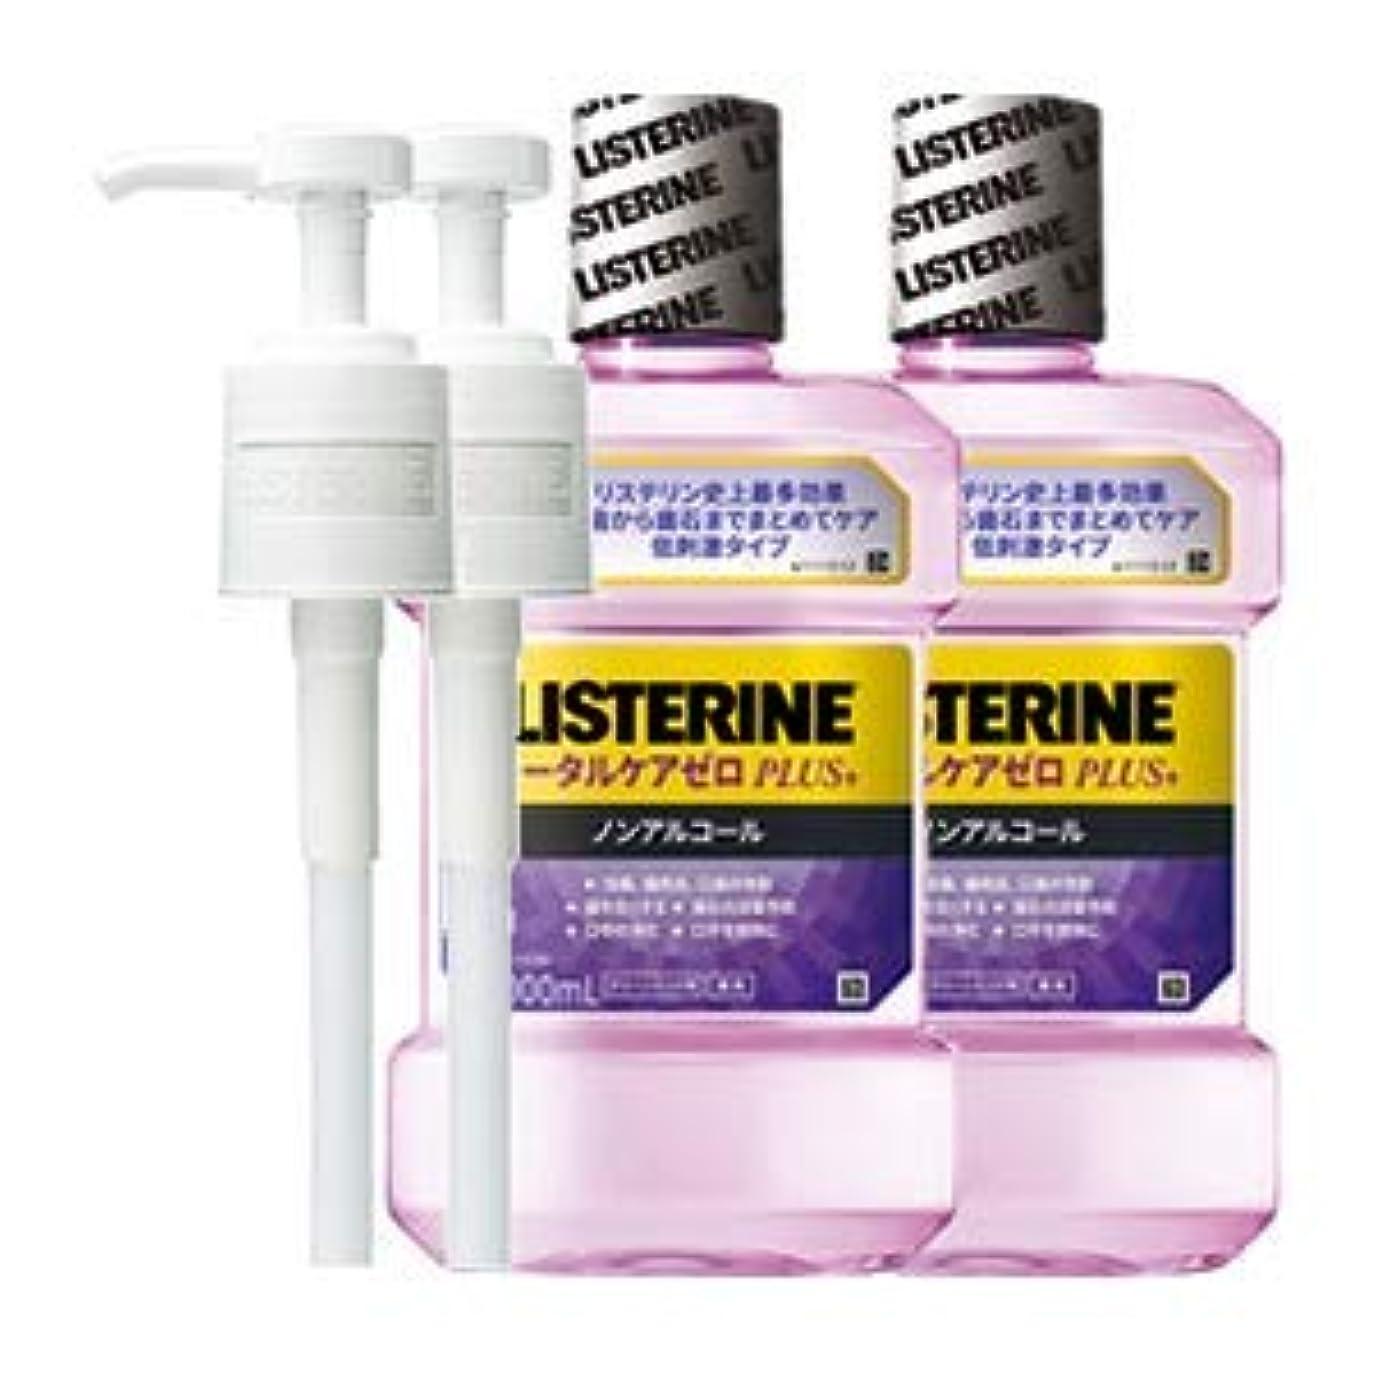 合併症ポールモナリザ薬用リステリン トータルケアゼロプラス (液体歯磨) 1000mL 2点セット (ポンプ付)